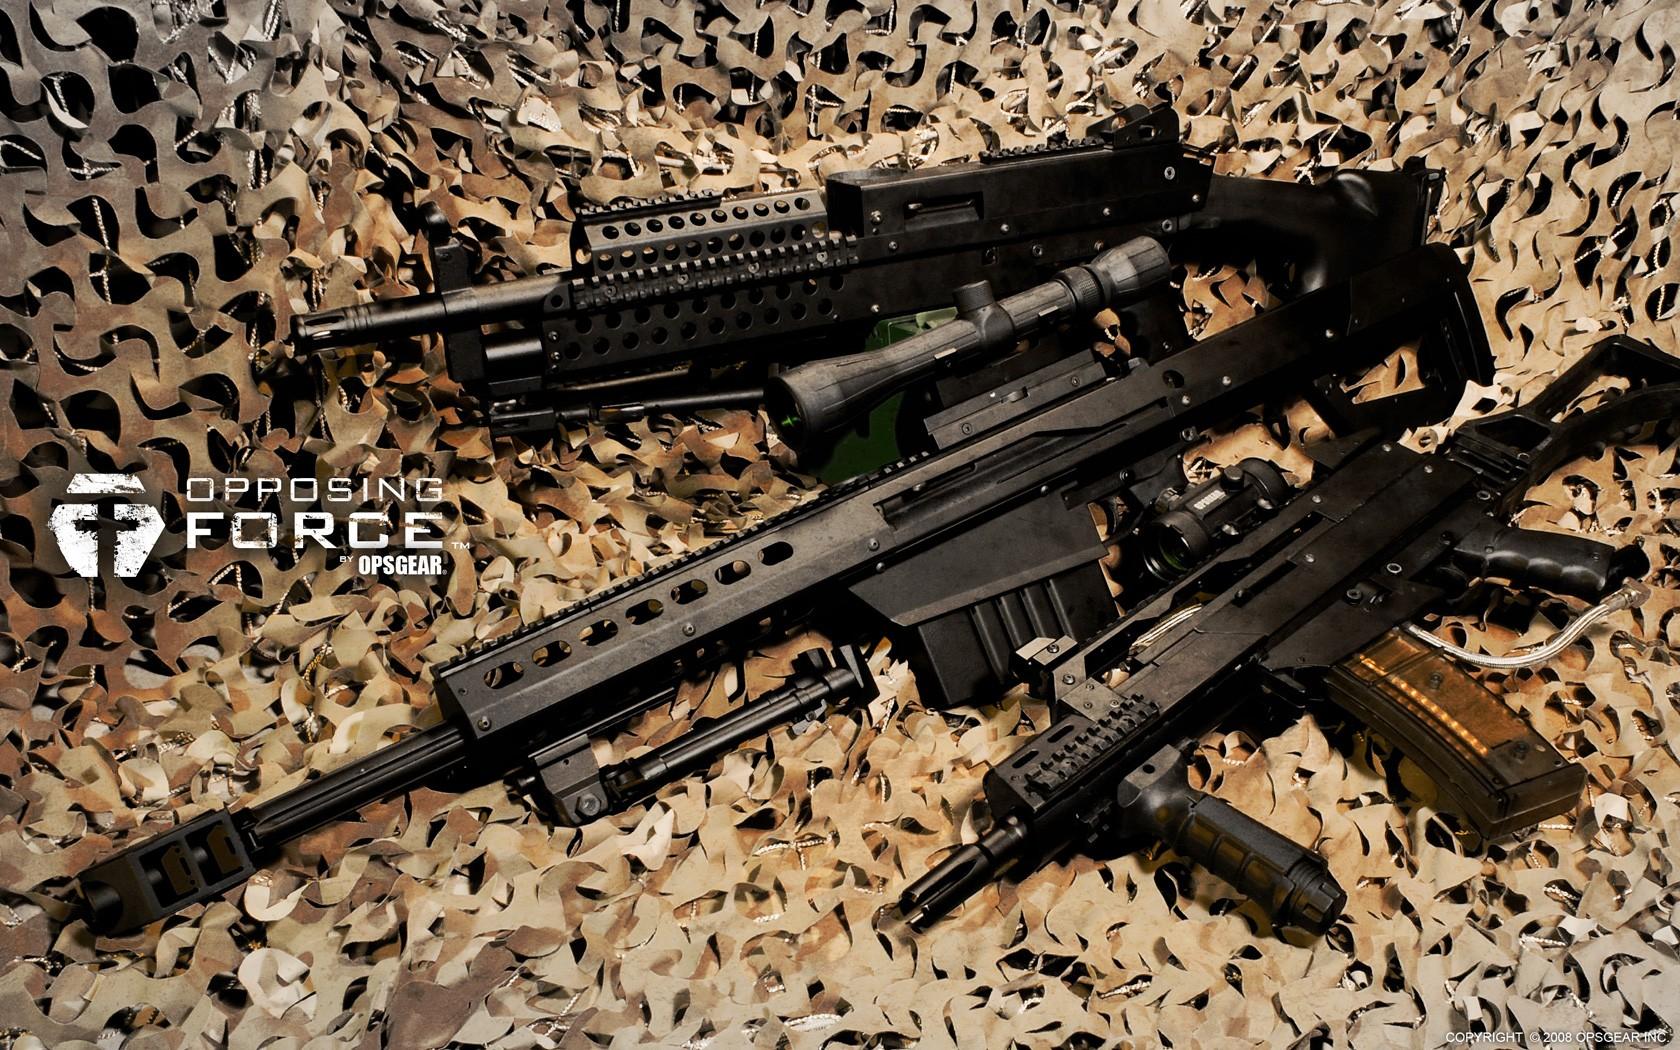 Armas de asalto - 1680x1050